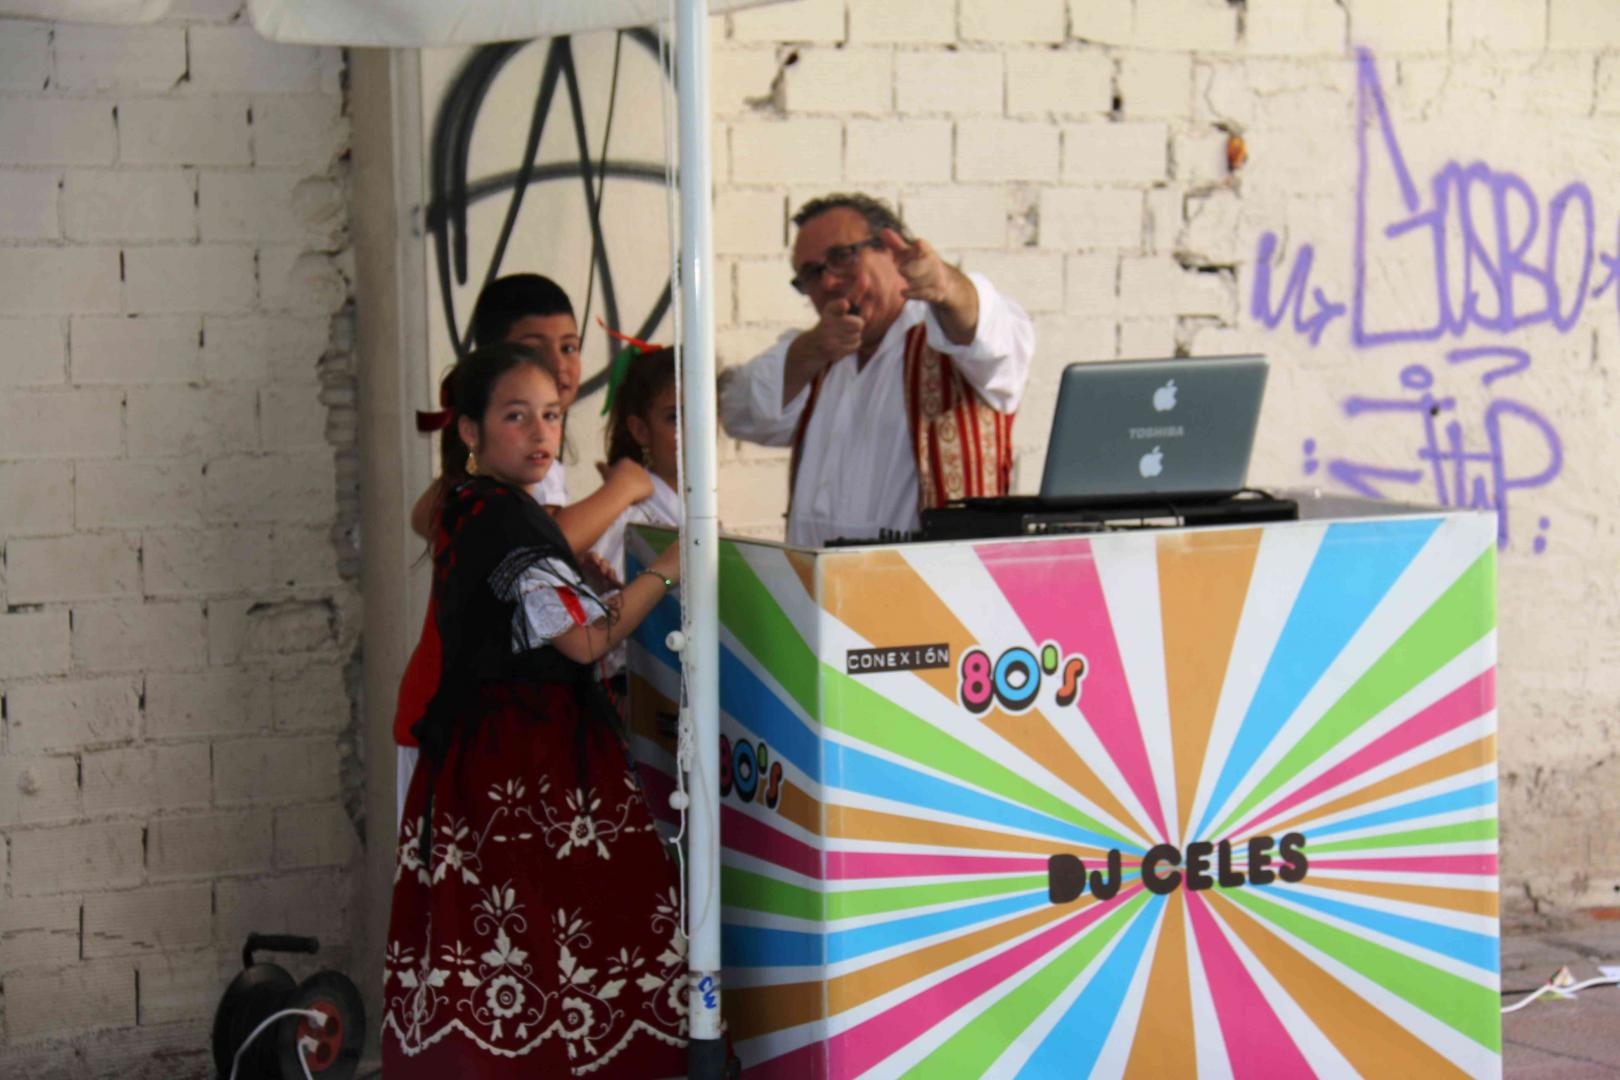 Bando de la Huerta 2016 en Por Herencia con Celes DJ